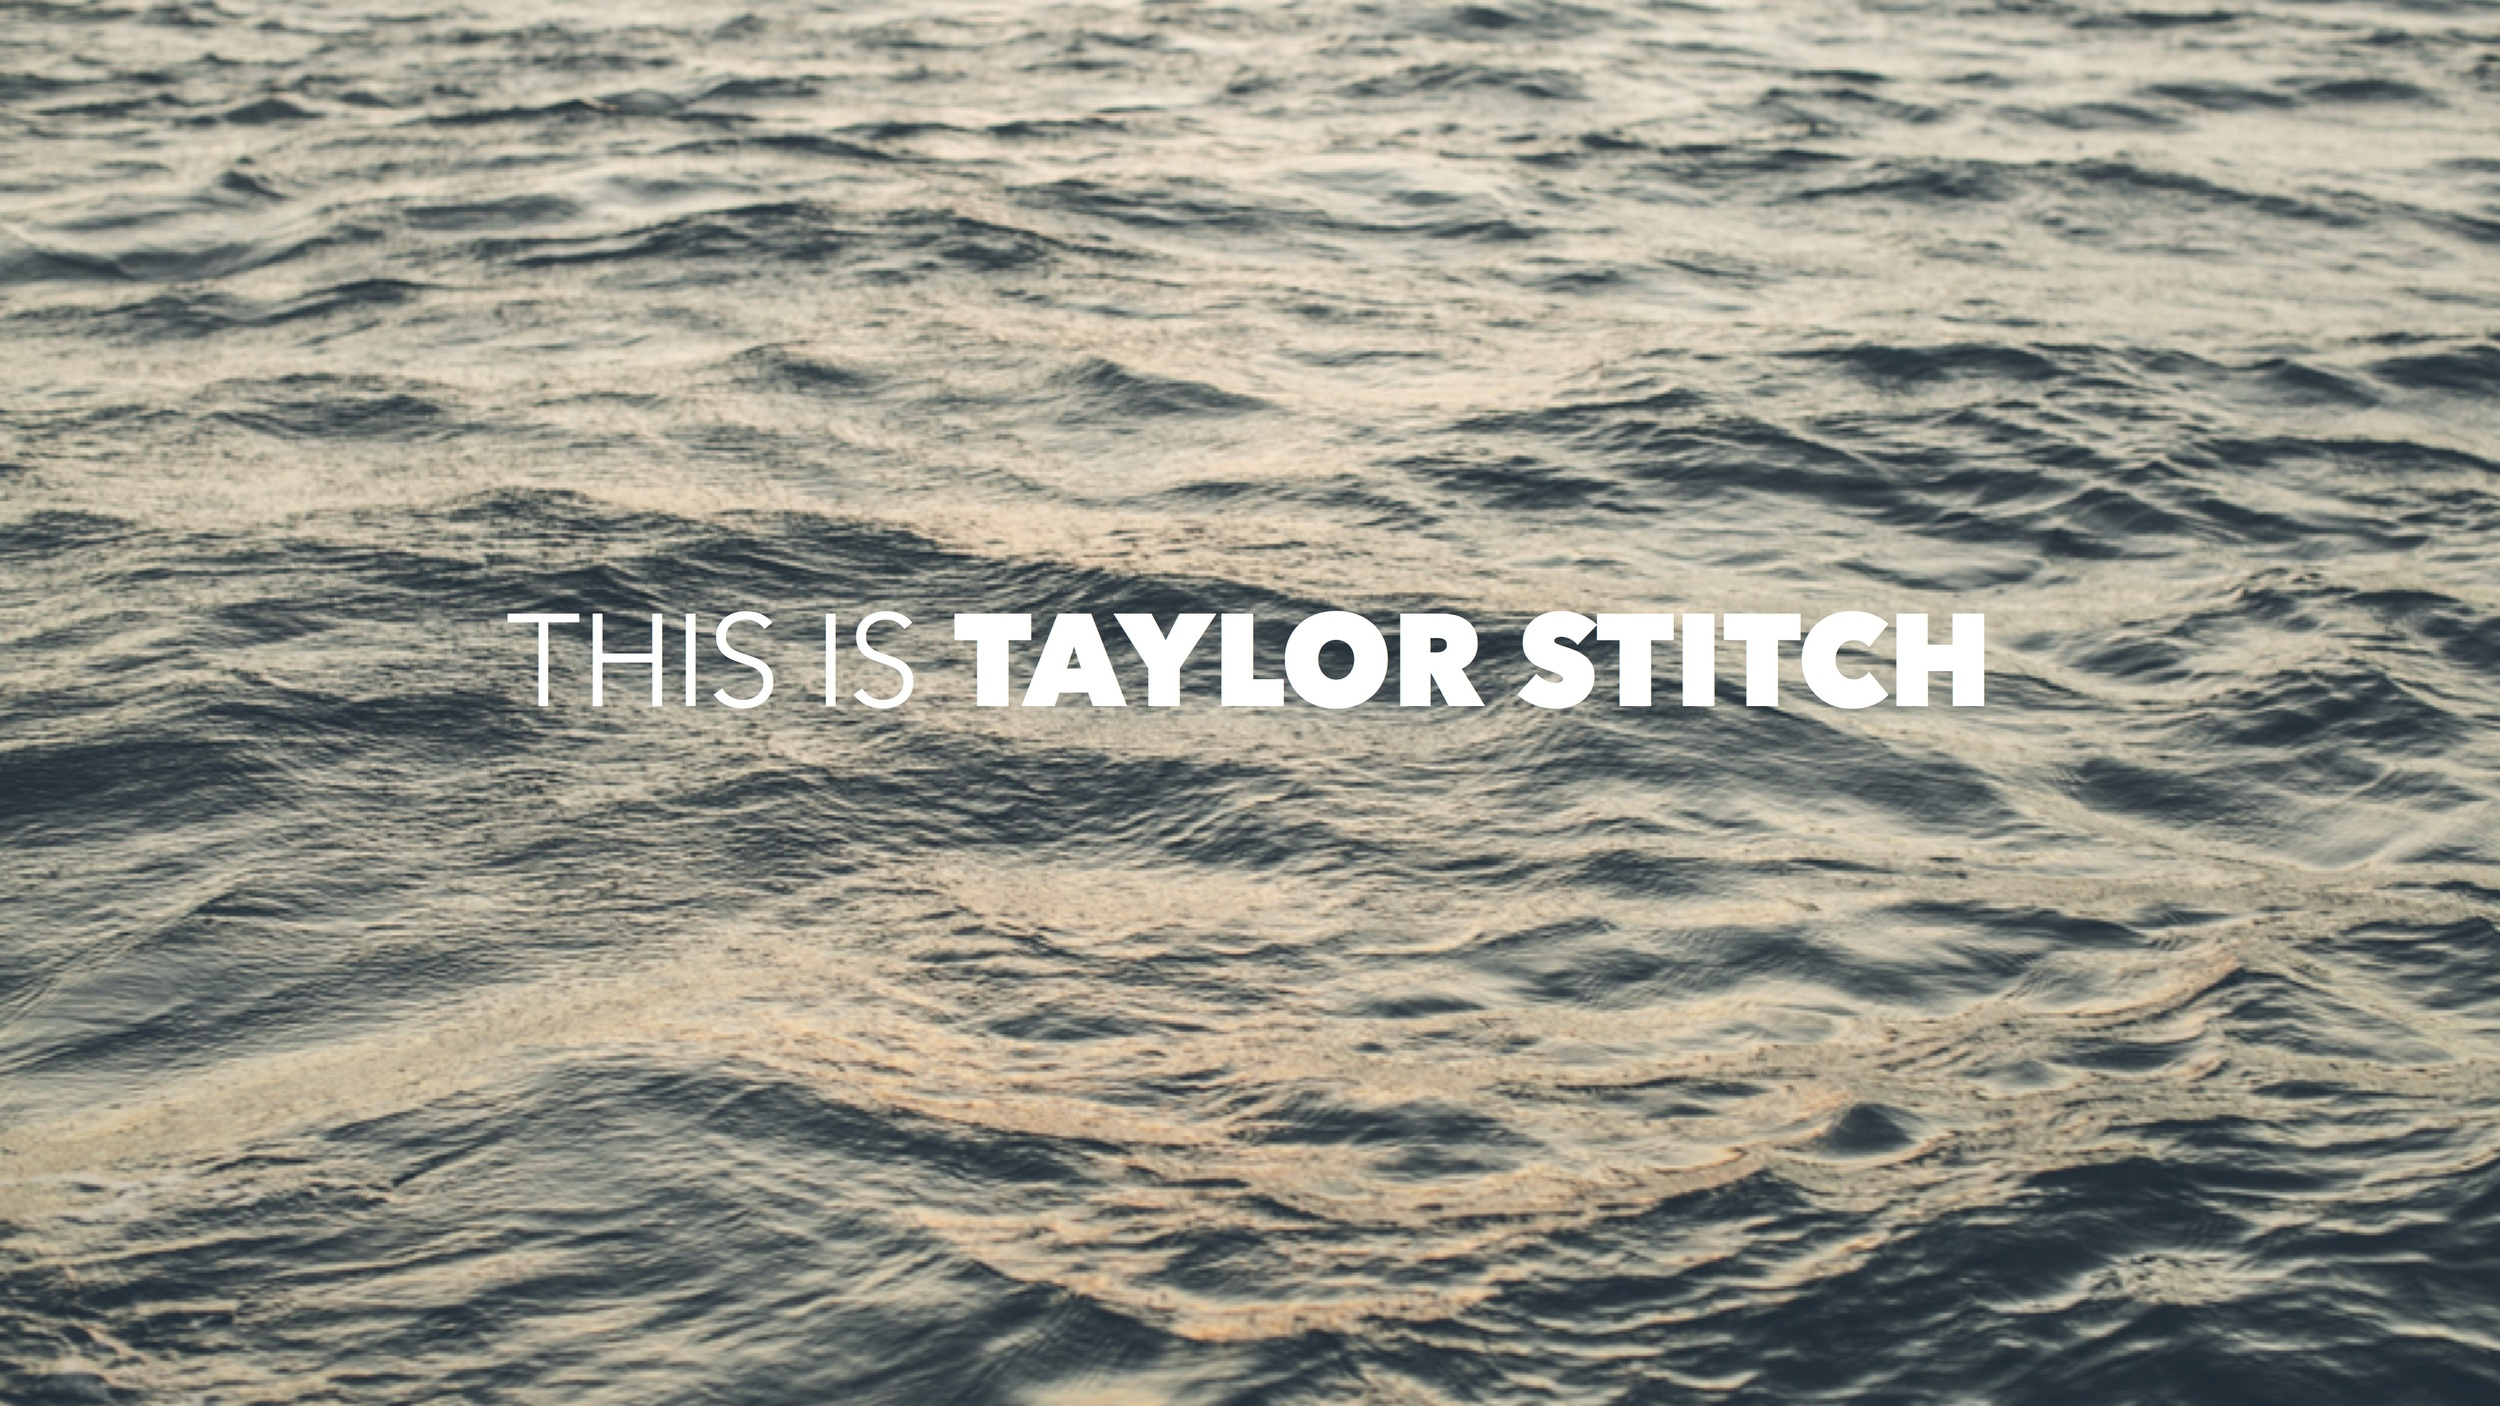 Taylor Stitch_Growth Strategy_12.jpg